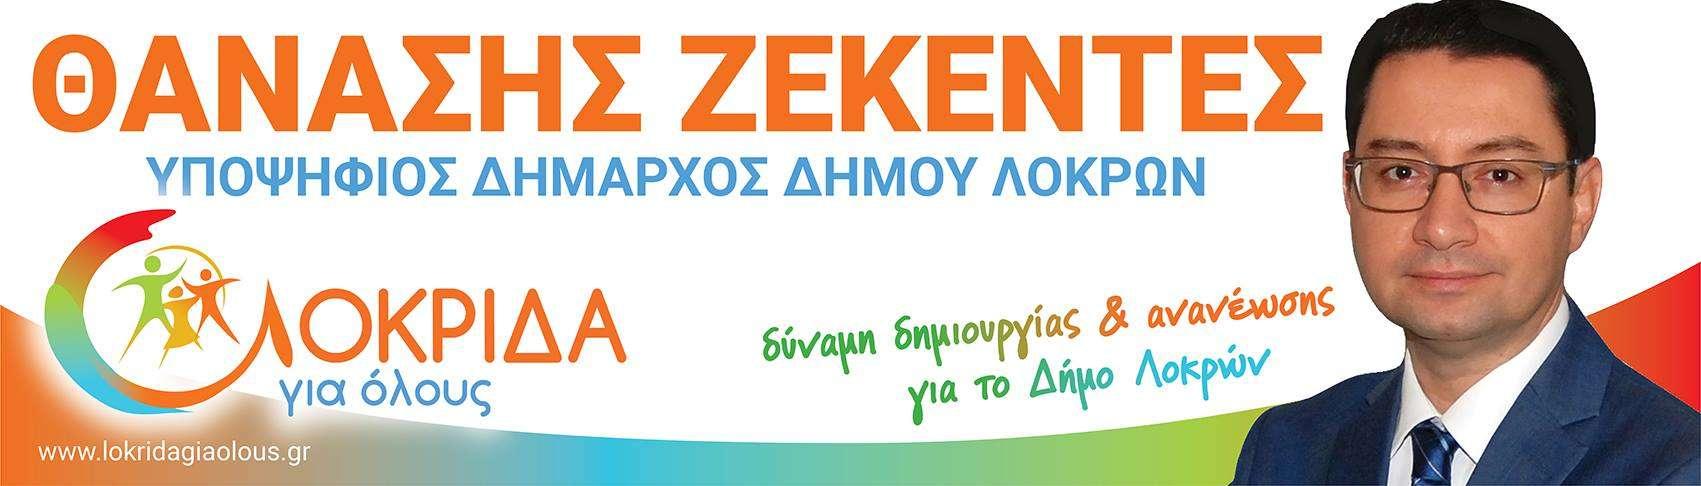 ΟΙΚΟΠΕΔΑ Πρώτη φορά έχουμε γραπτή δέσμευση για διανομή  από τον υποψήφιο Δήμαρχο Θανάση Ζεκεντέ